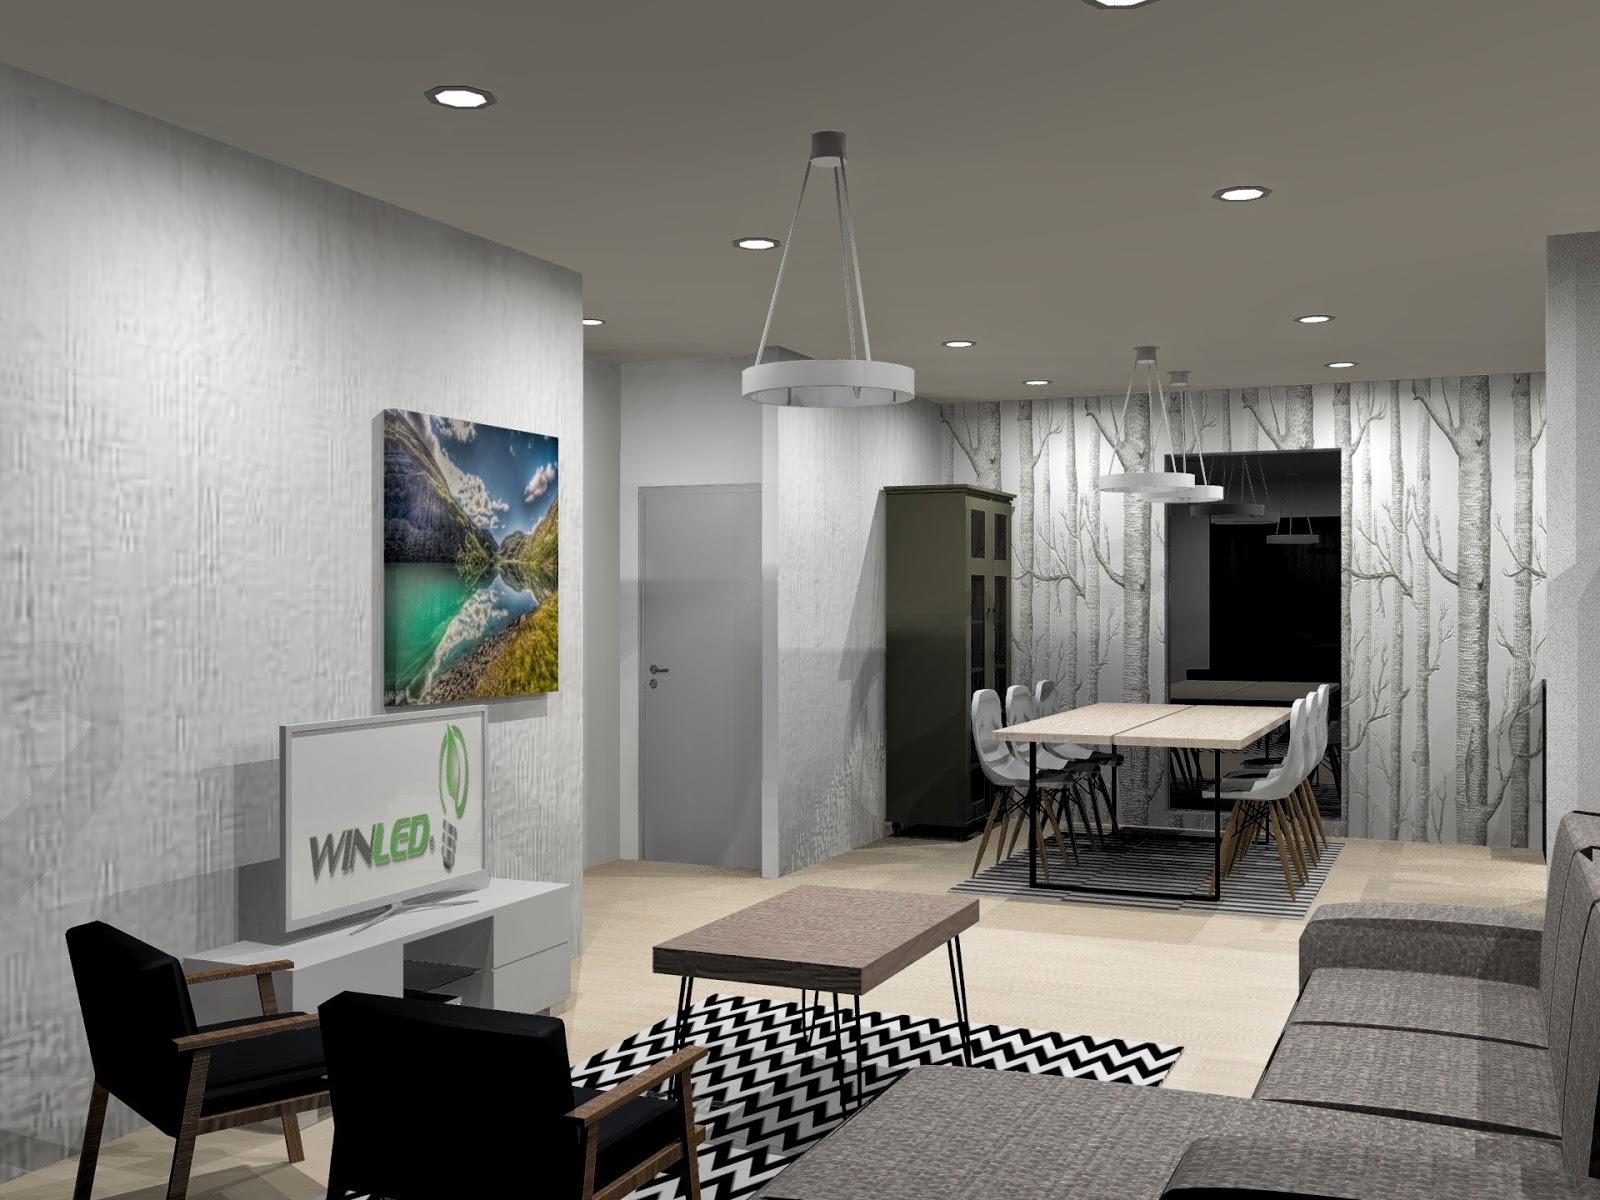 Olohuoneen valaistus kokemuksia – Talo kaunis rakennuksen